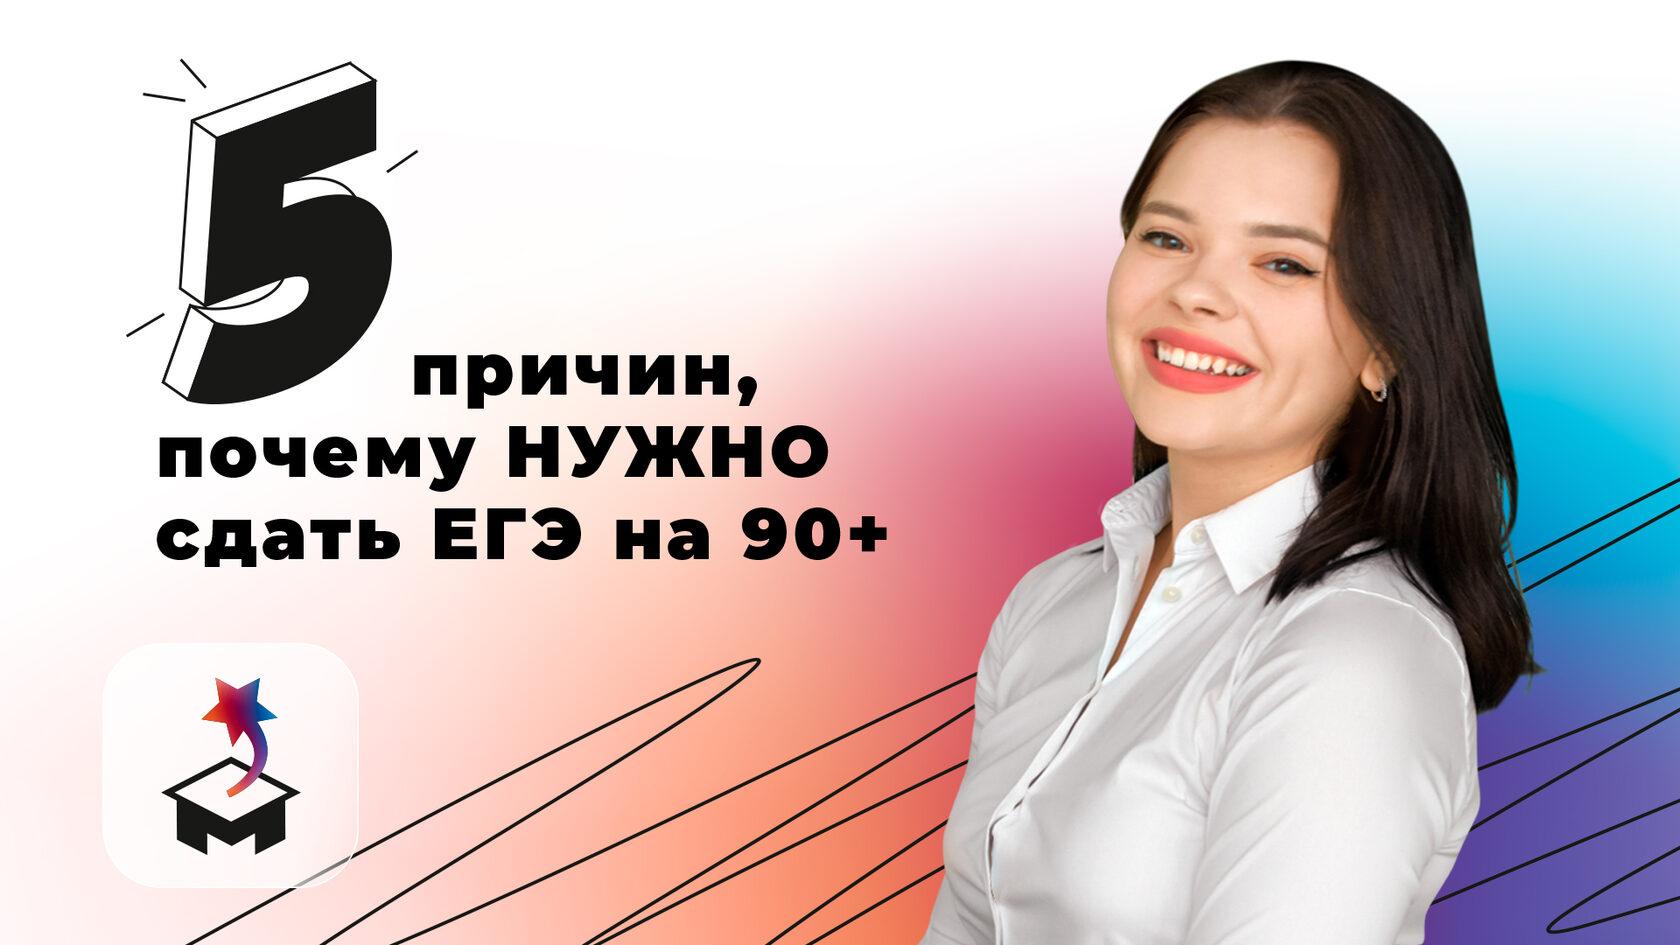 Преподаватель по русскому, текст: 5 причин, почему нужно сдать ЕГЭ на 90+